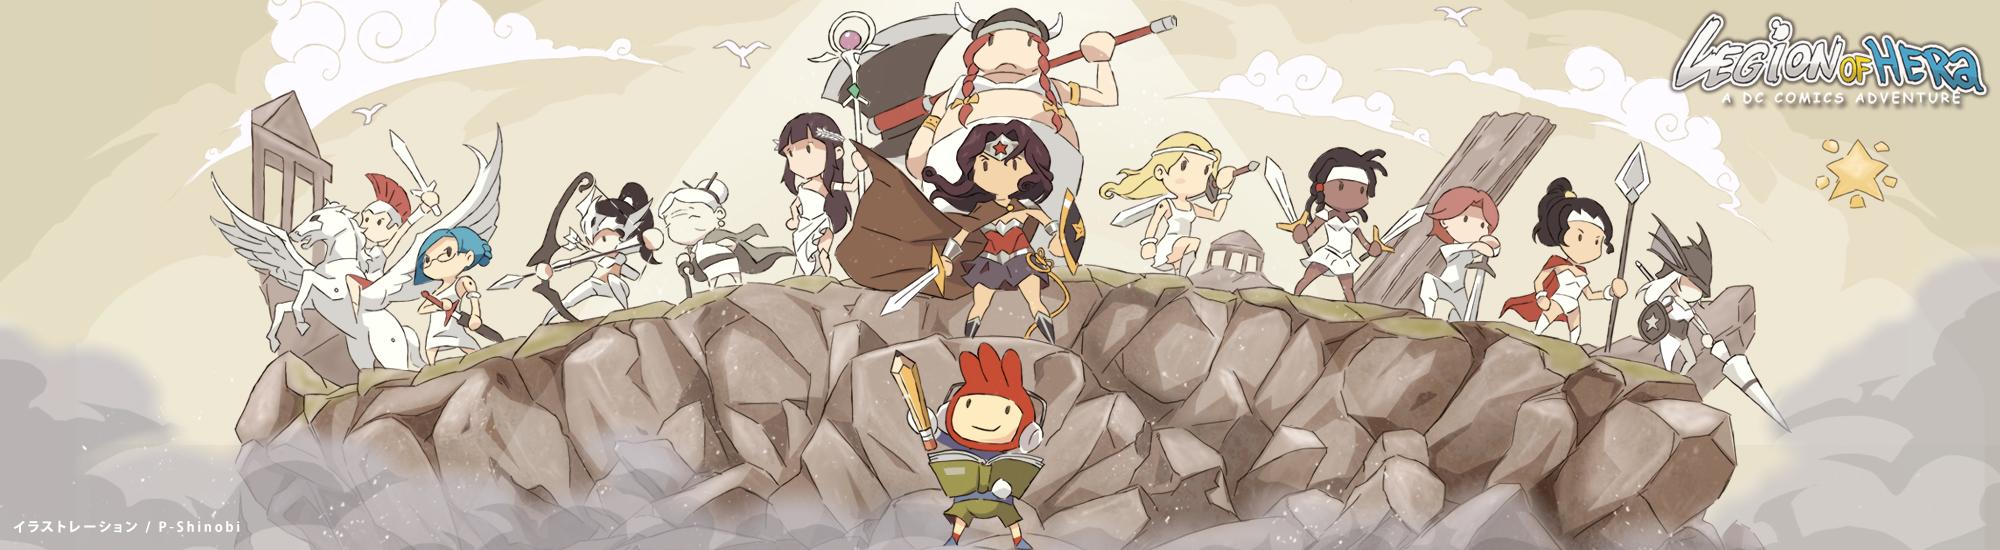 Legion of Hera by P-Shinobi